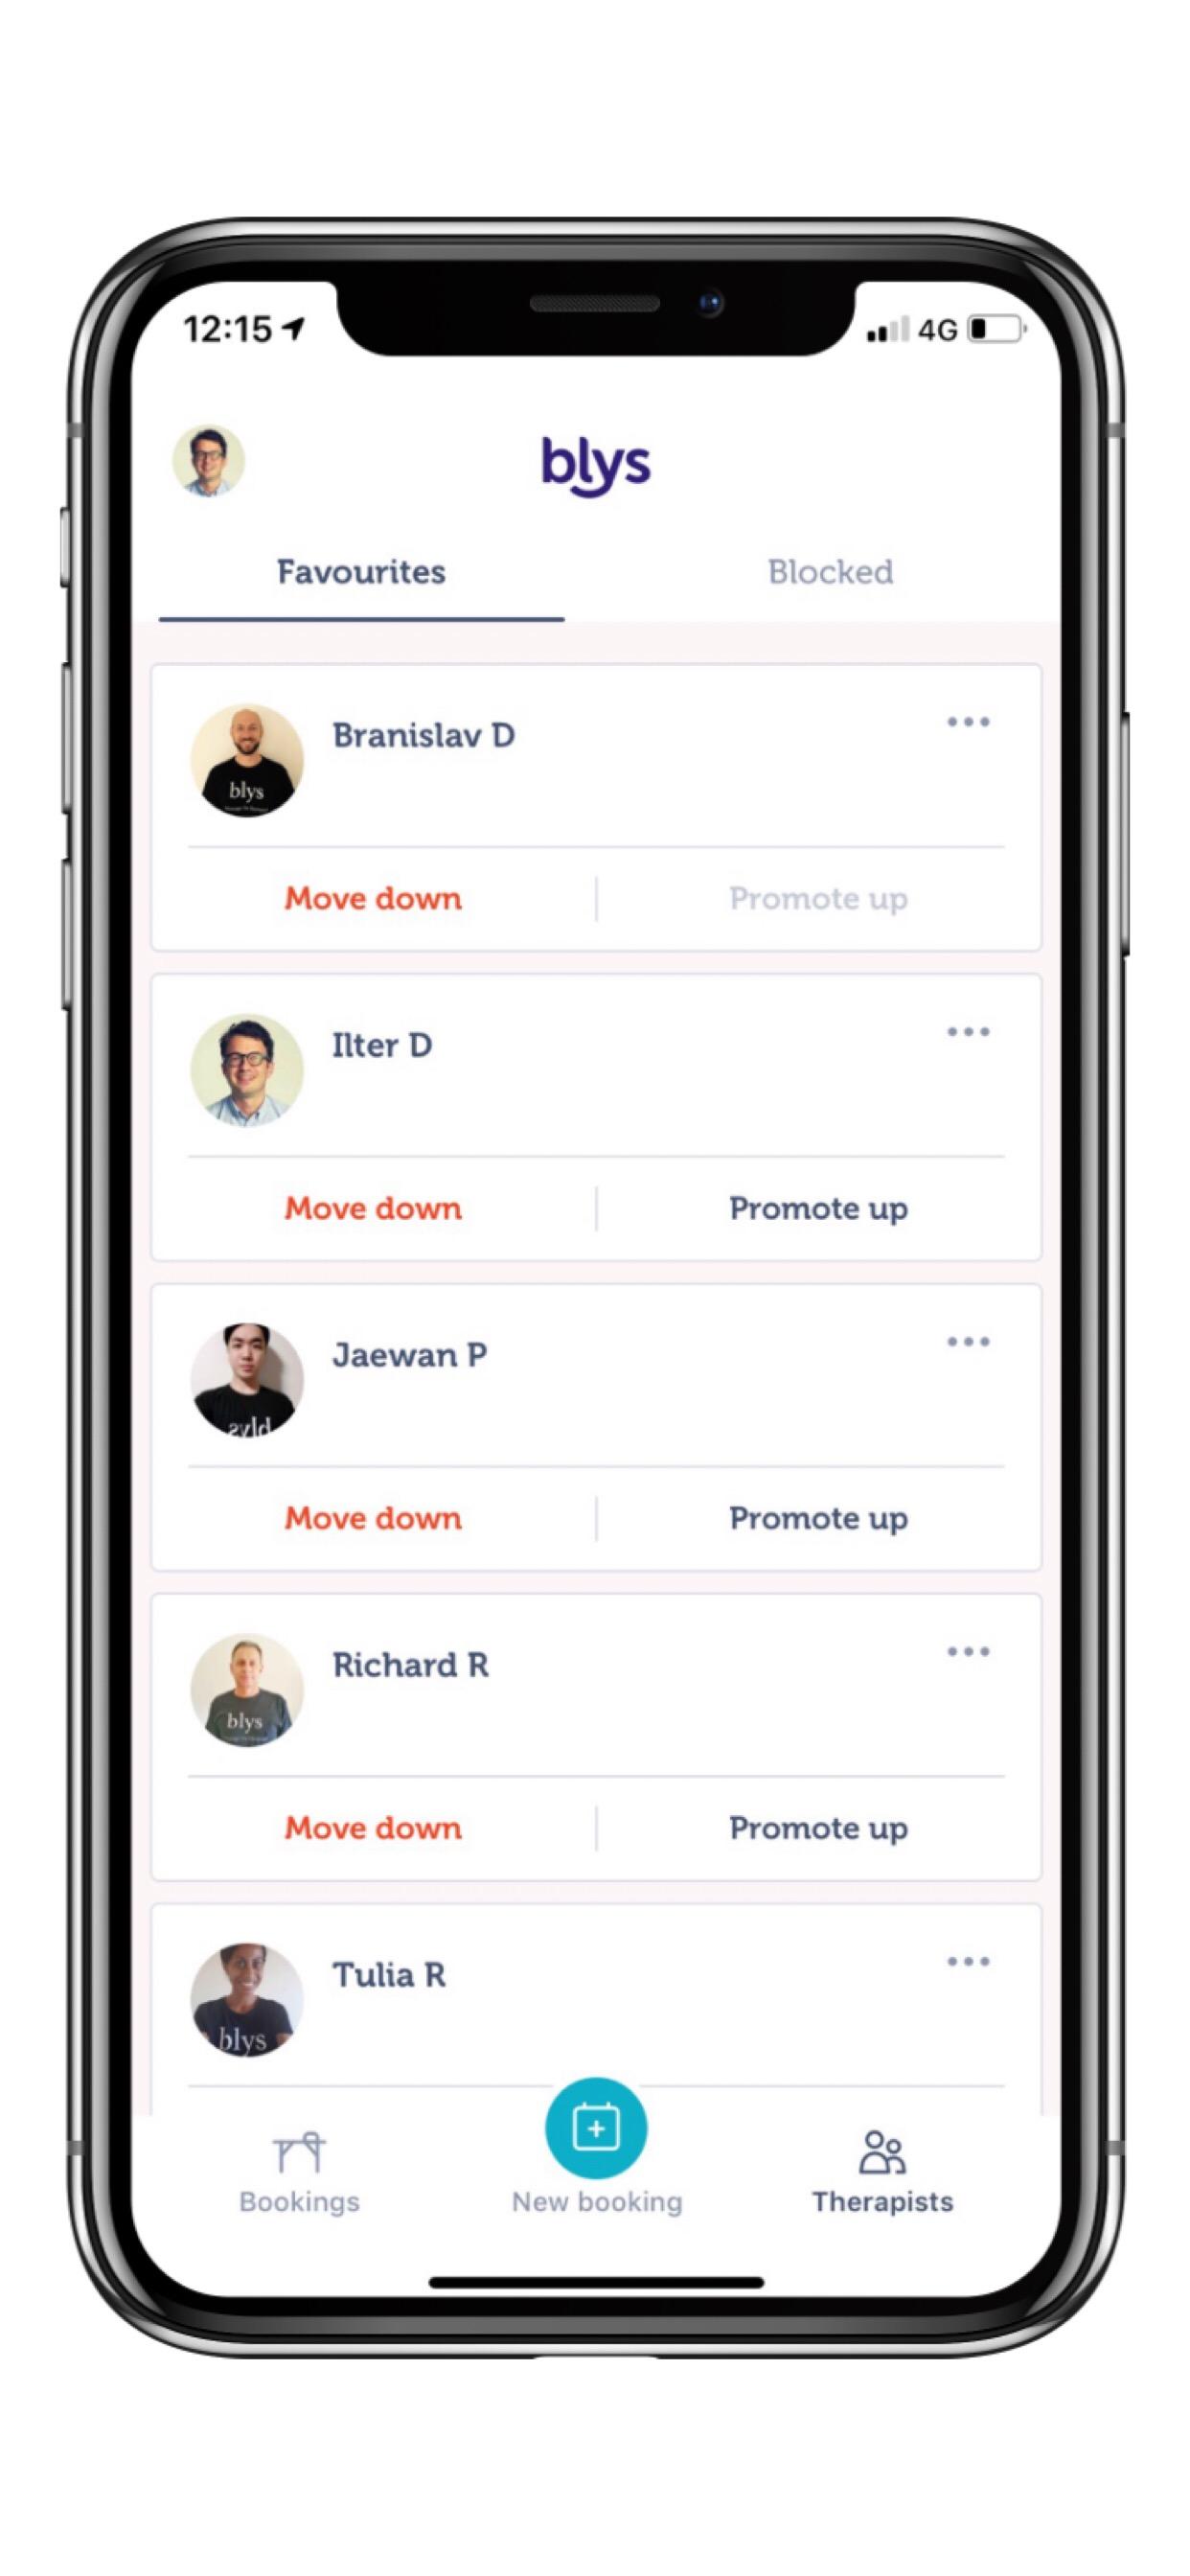 Blys App features - Favourites